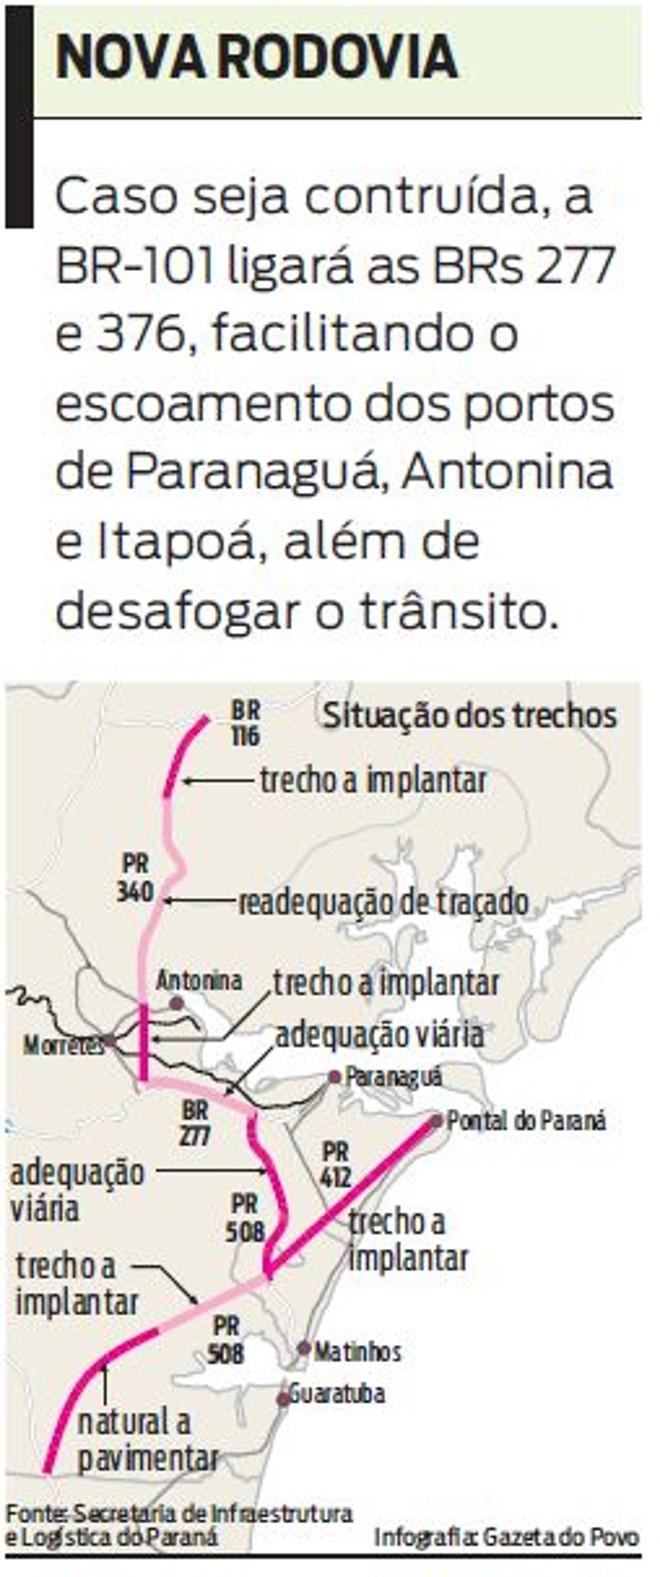 Veja no infografico como ficaria a nova rodovia |